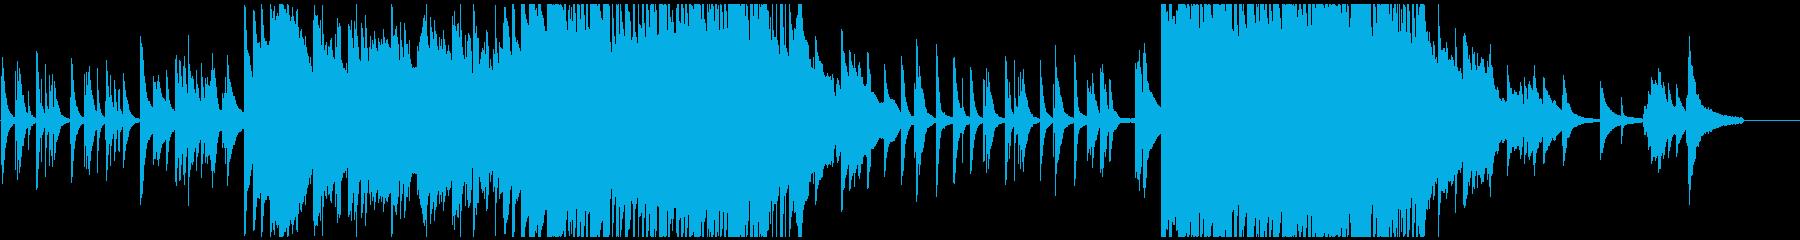 少し切ない落ち着いた曲調の和風ピアノ曲の再生済みの波形